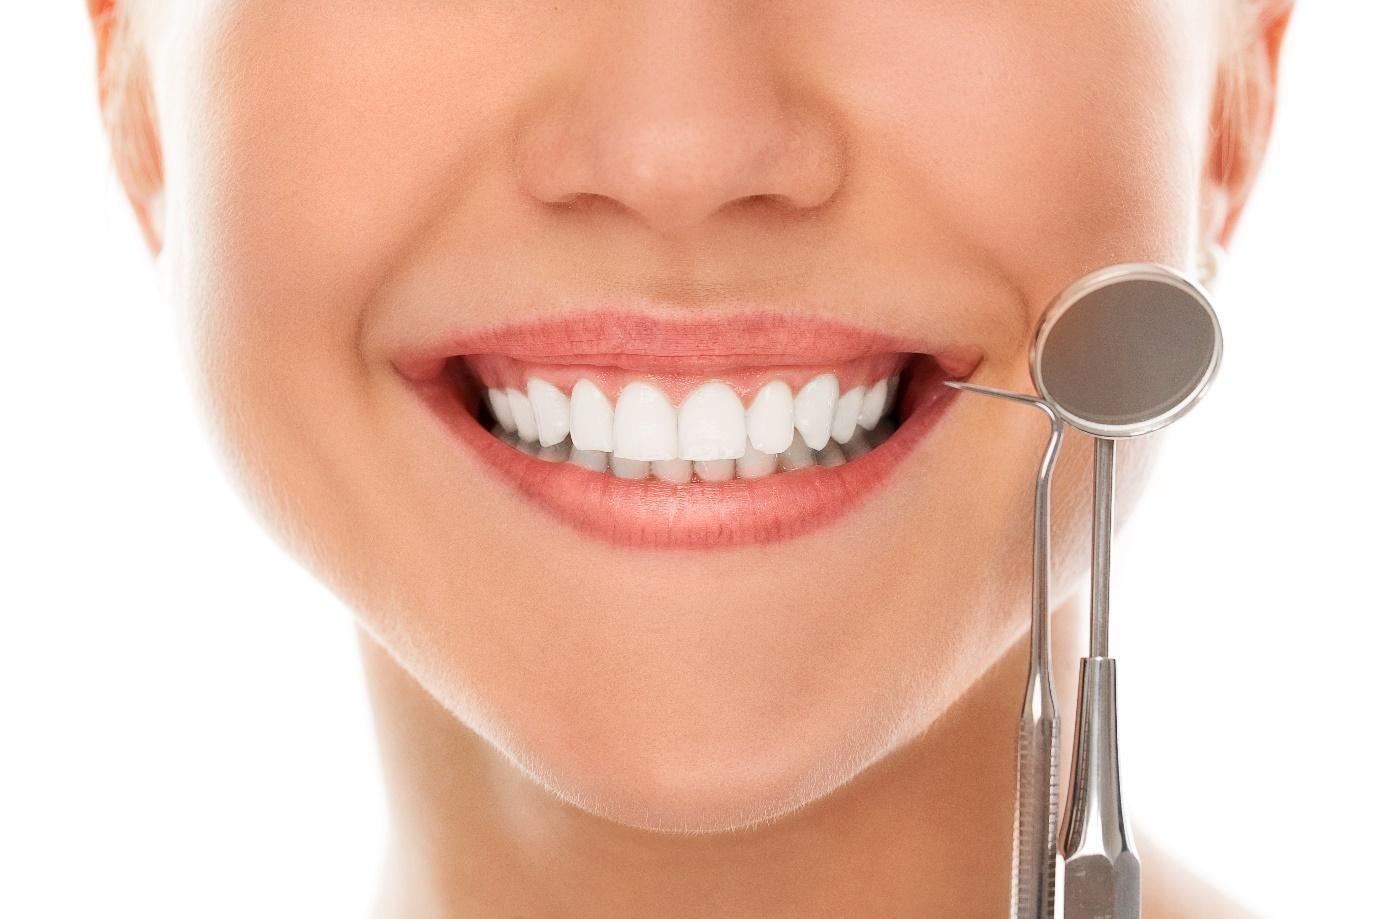 rregullim i buzeqeshjes